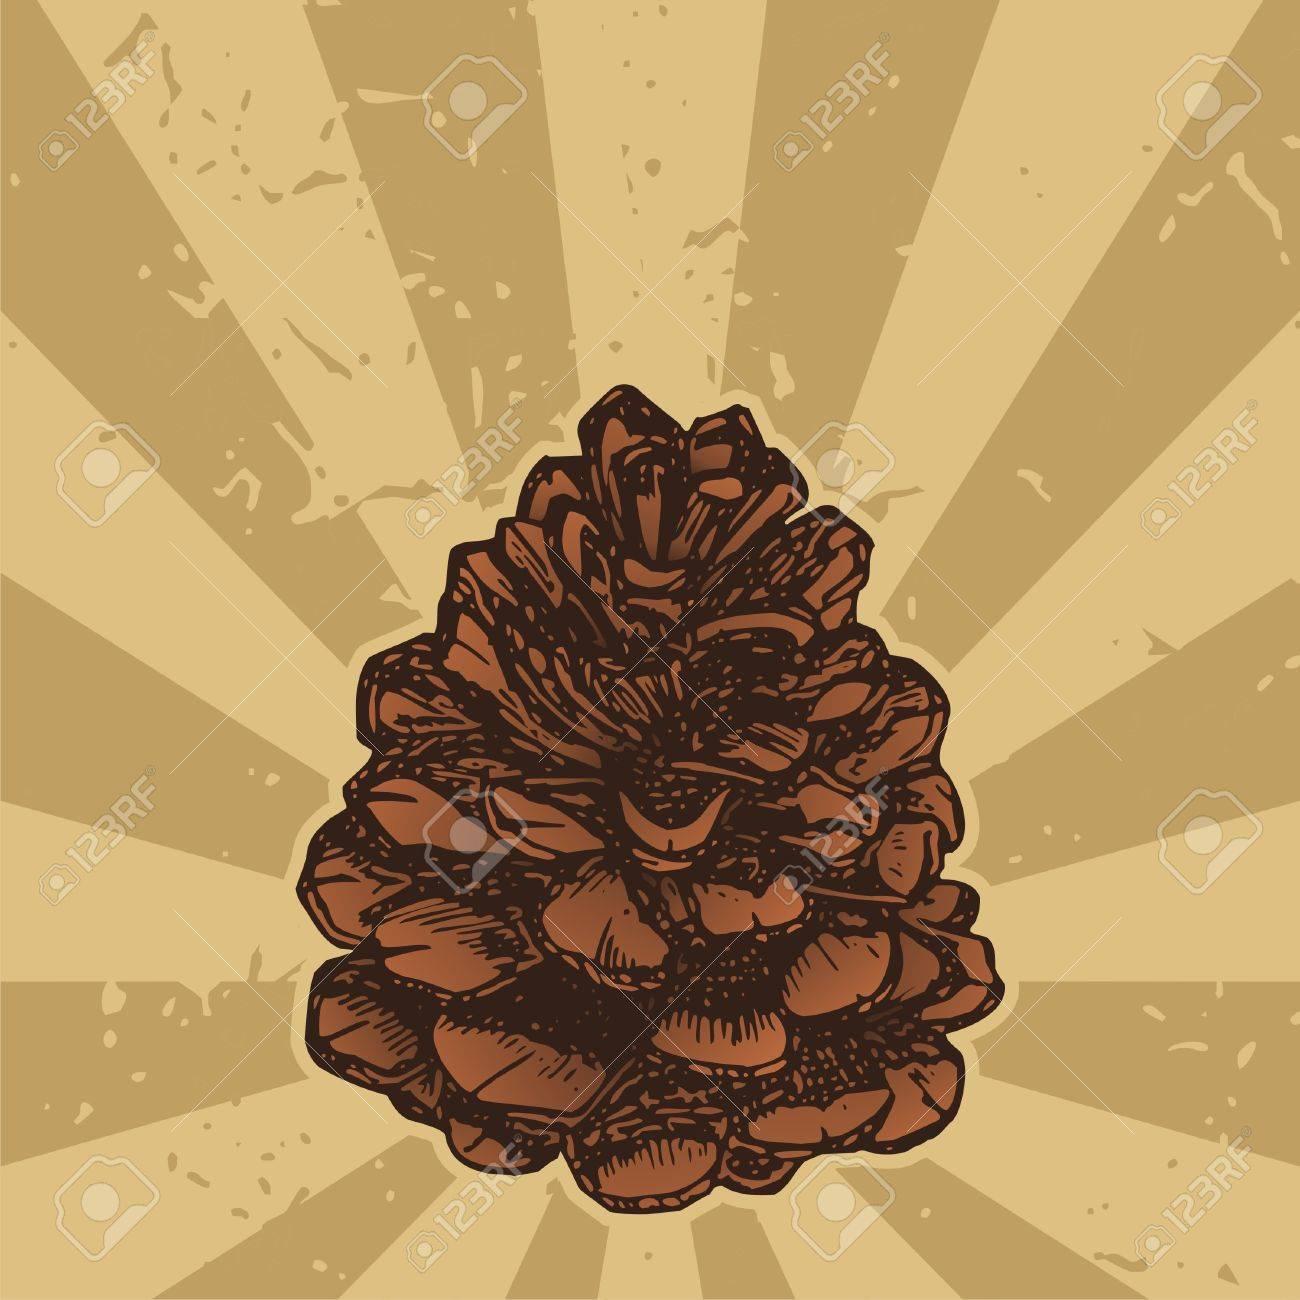 Pinecone sketch icon on grunge beige background - 3654298